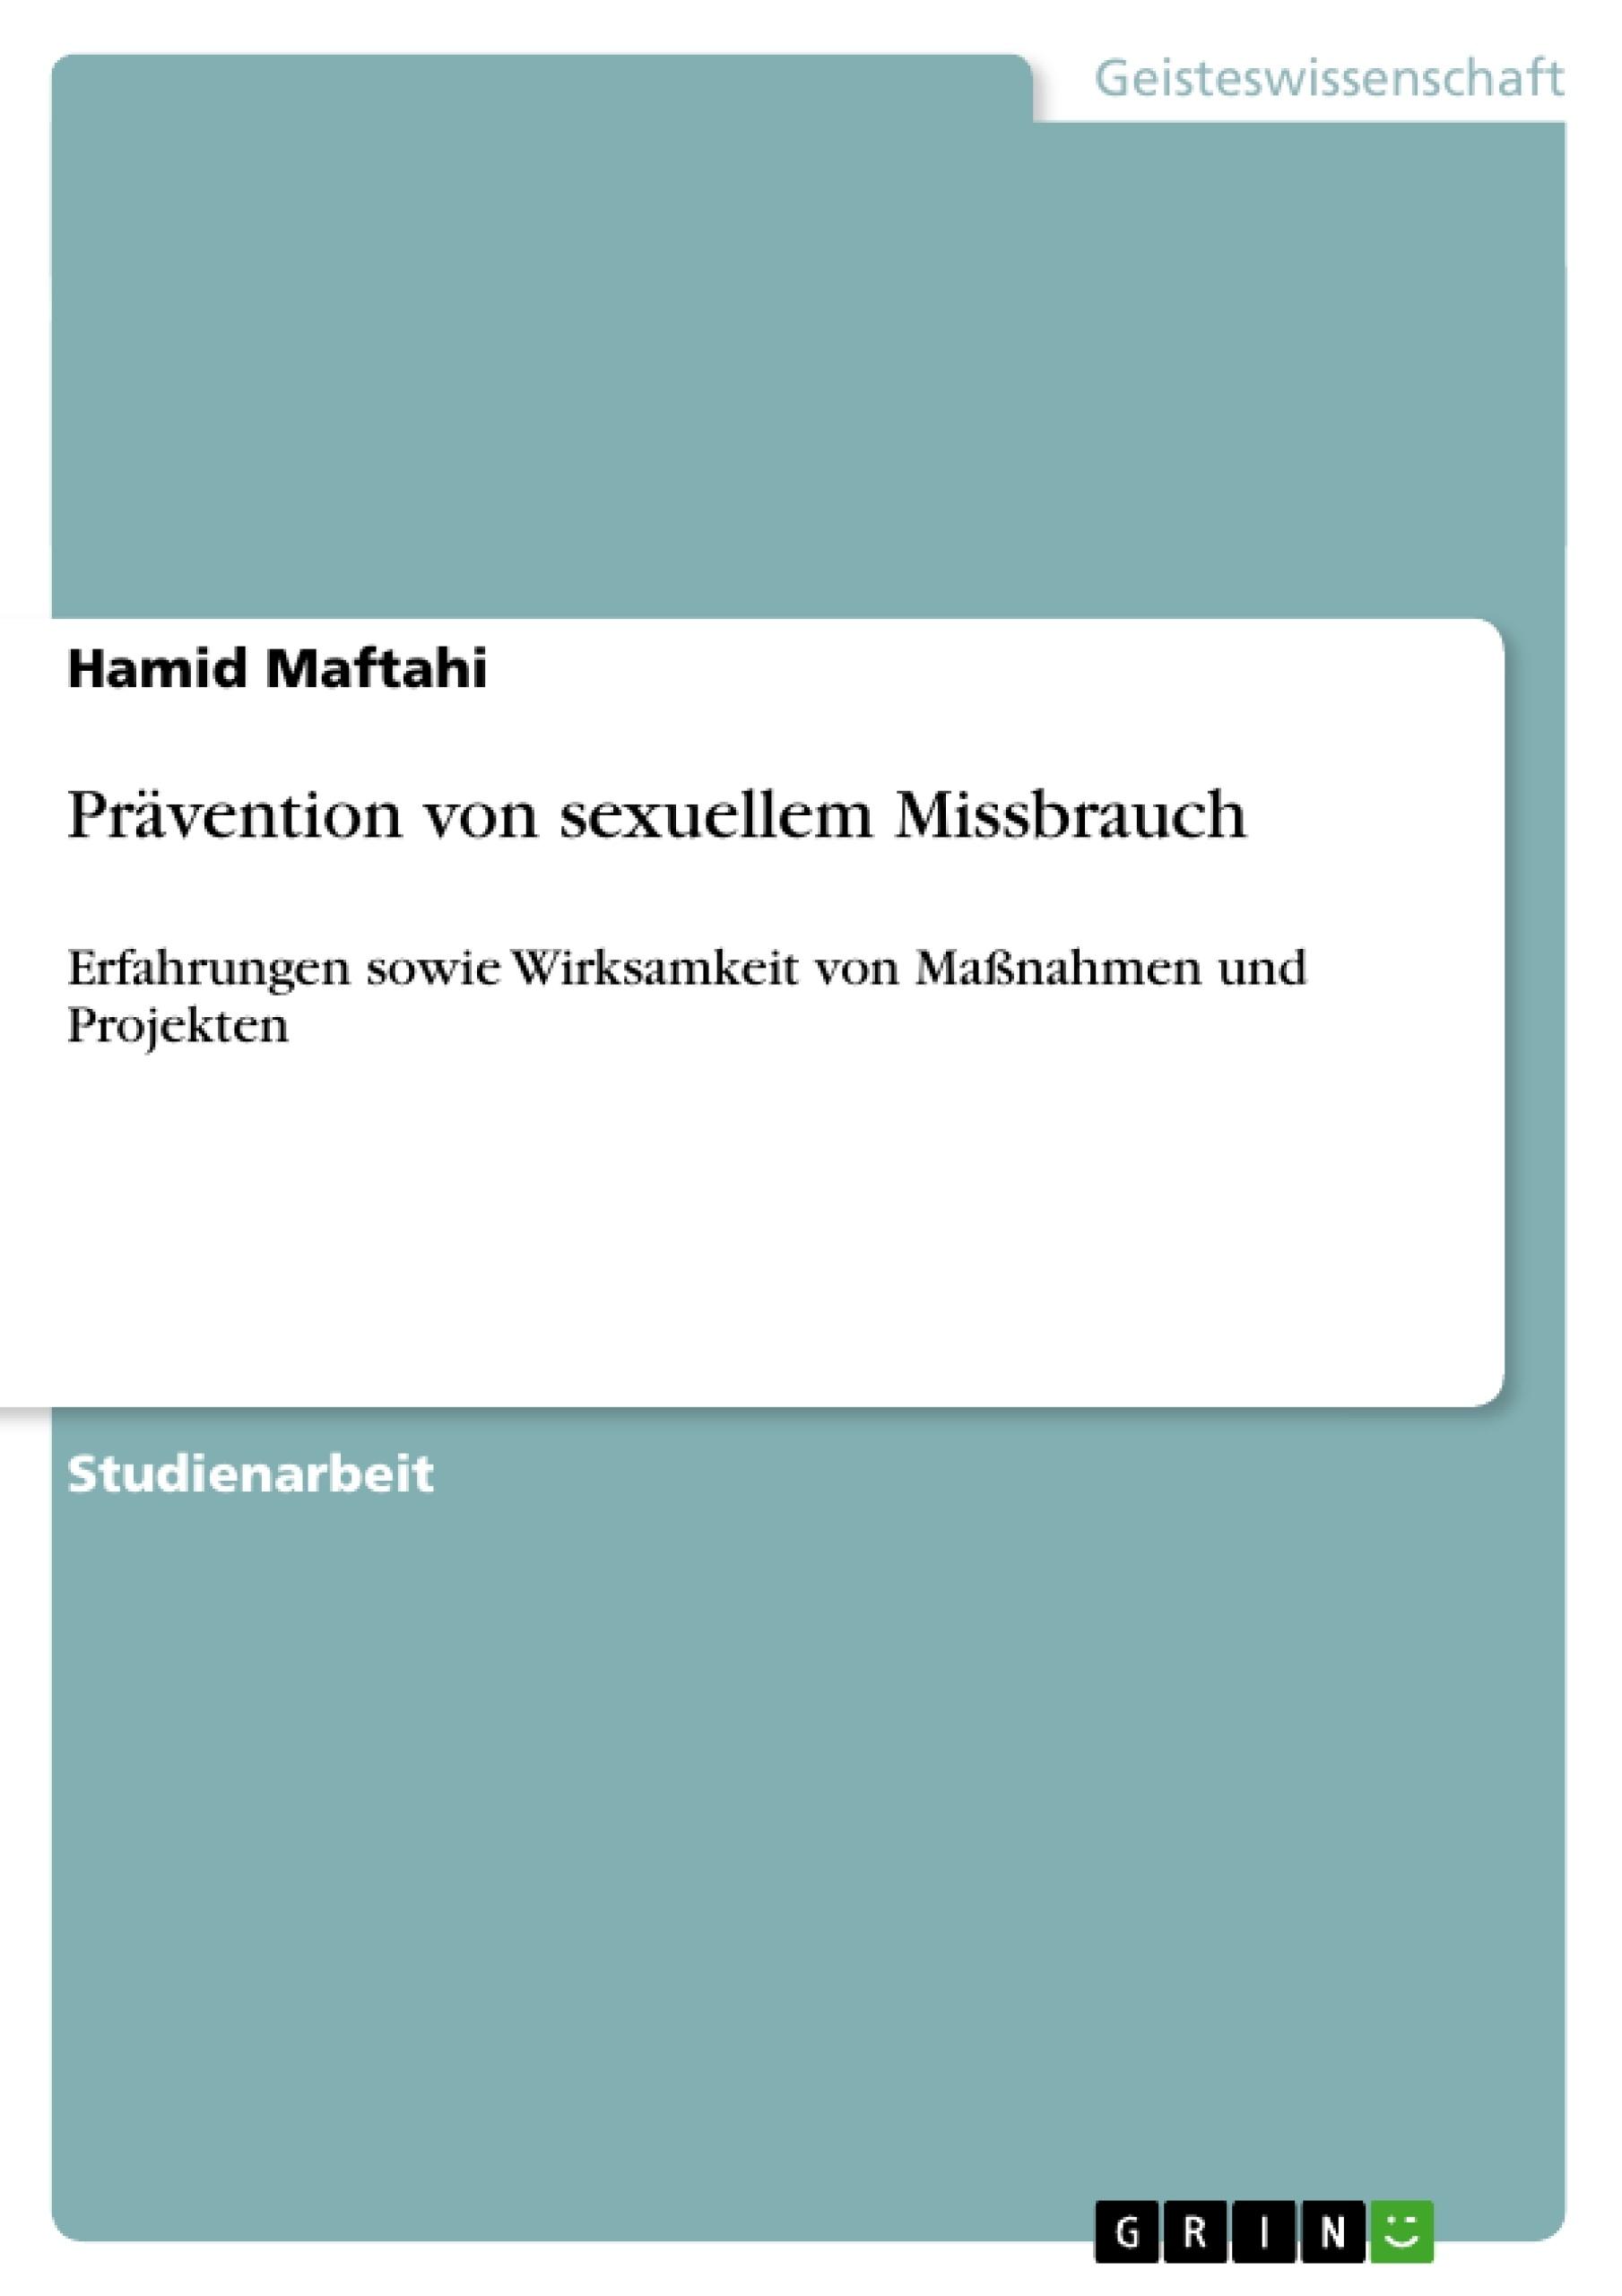 Titel: Prävention von sexuellem Missbrauch